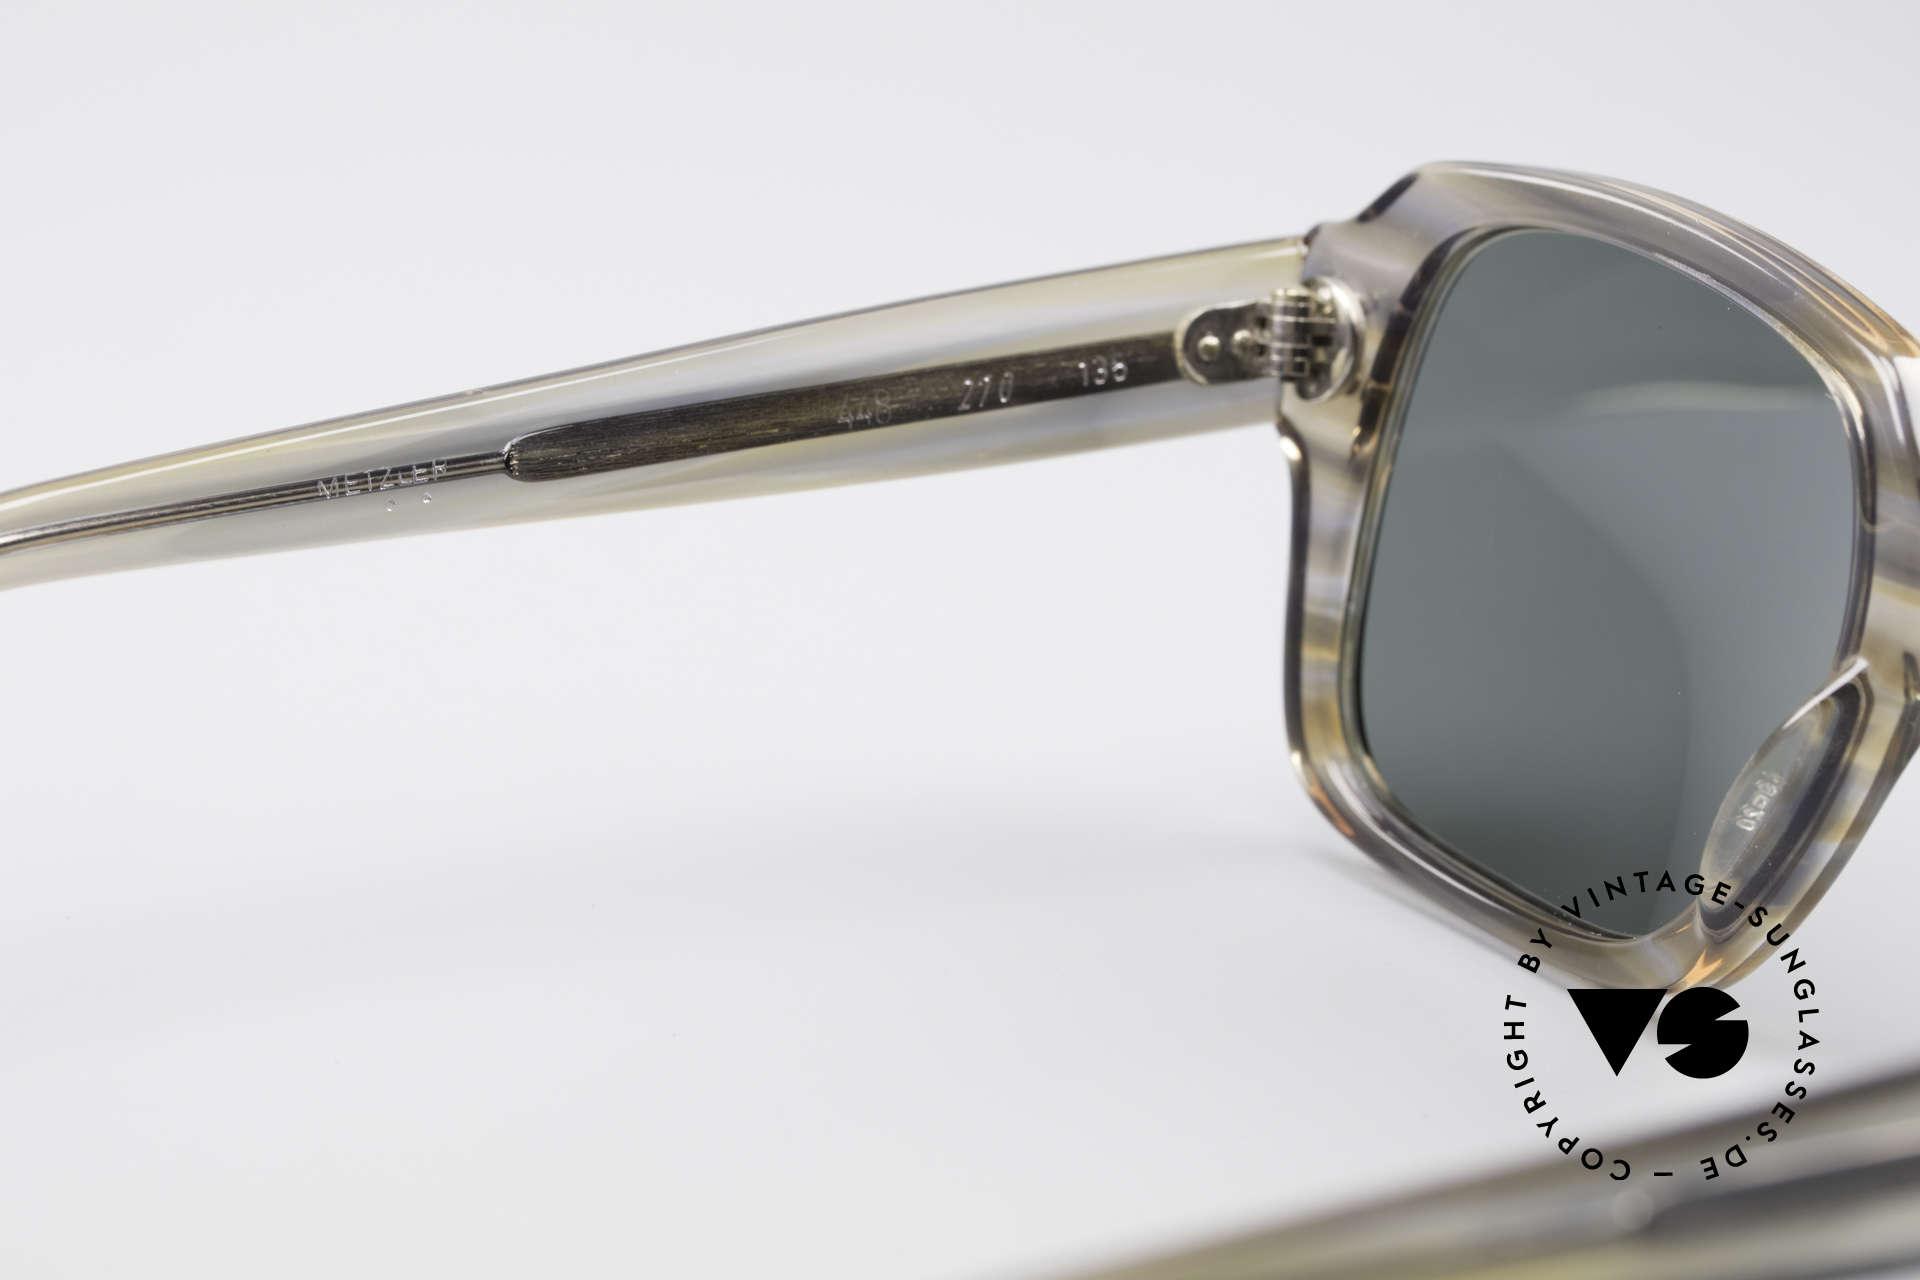 Metzler 448 Kleine 70er Sonnenbrille, Fassung ist natürlich für Gläser jeglicher Art gemacht, Passend für Herren